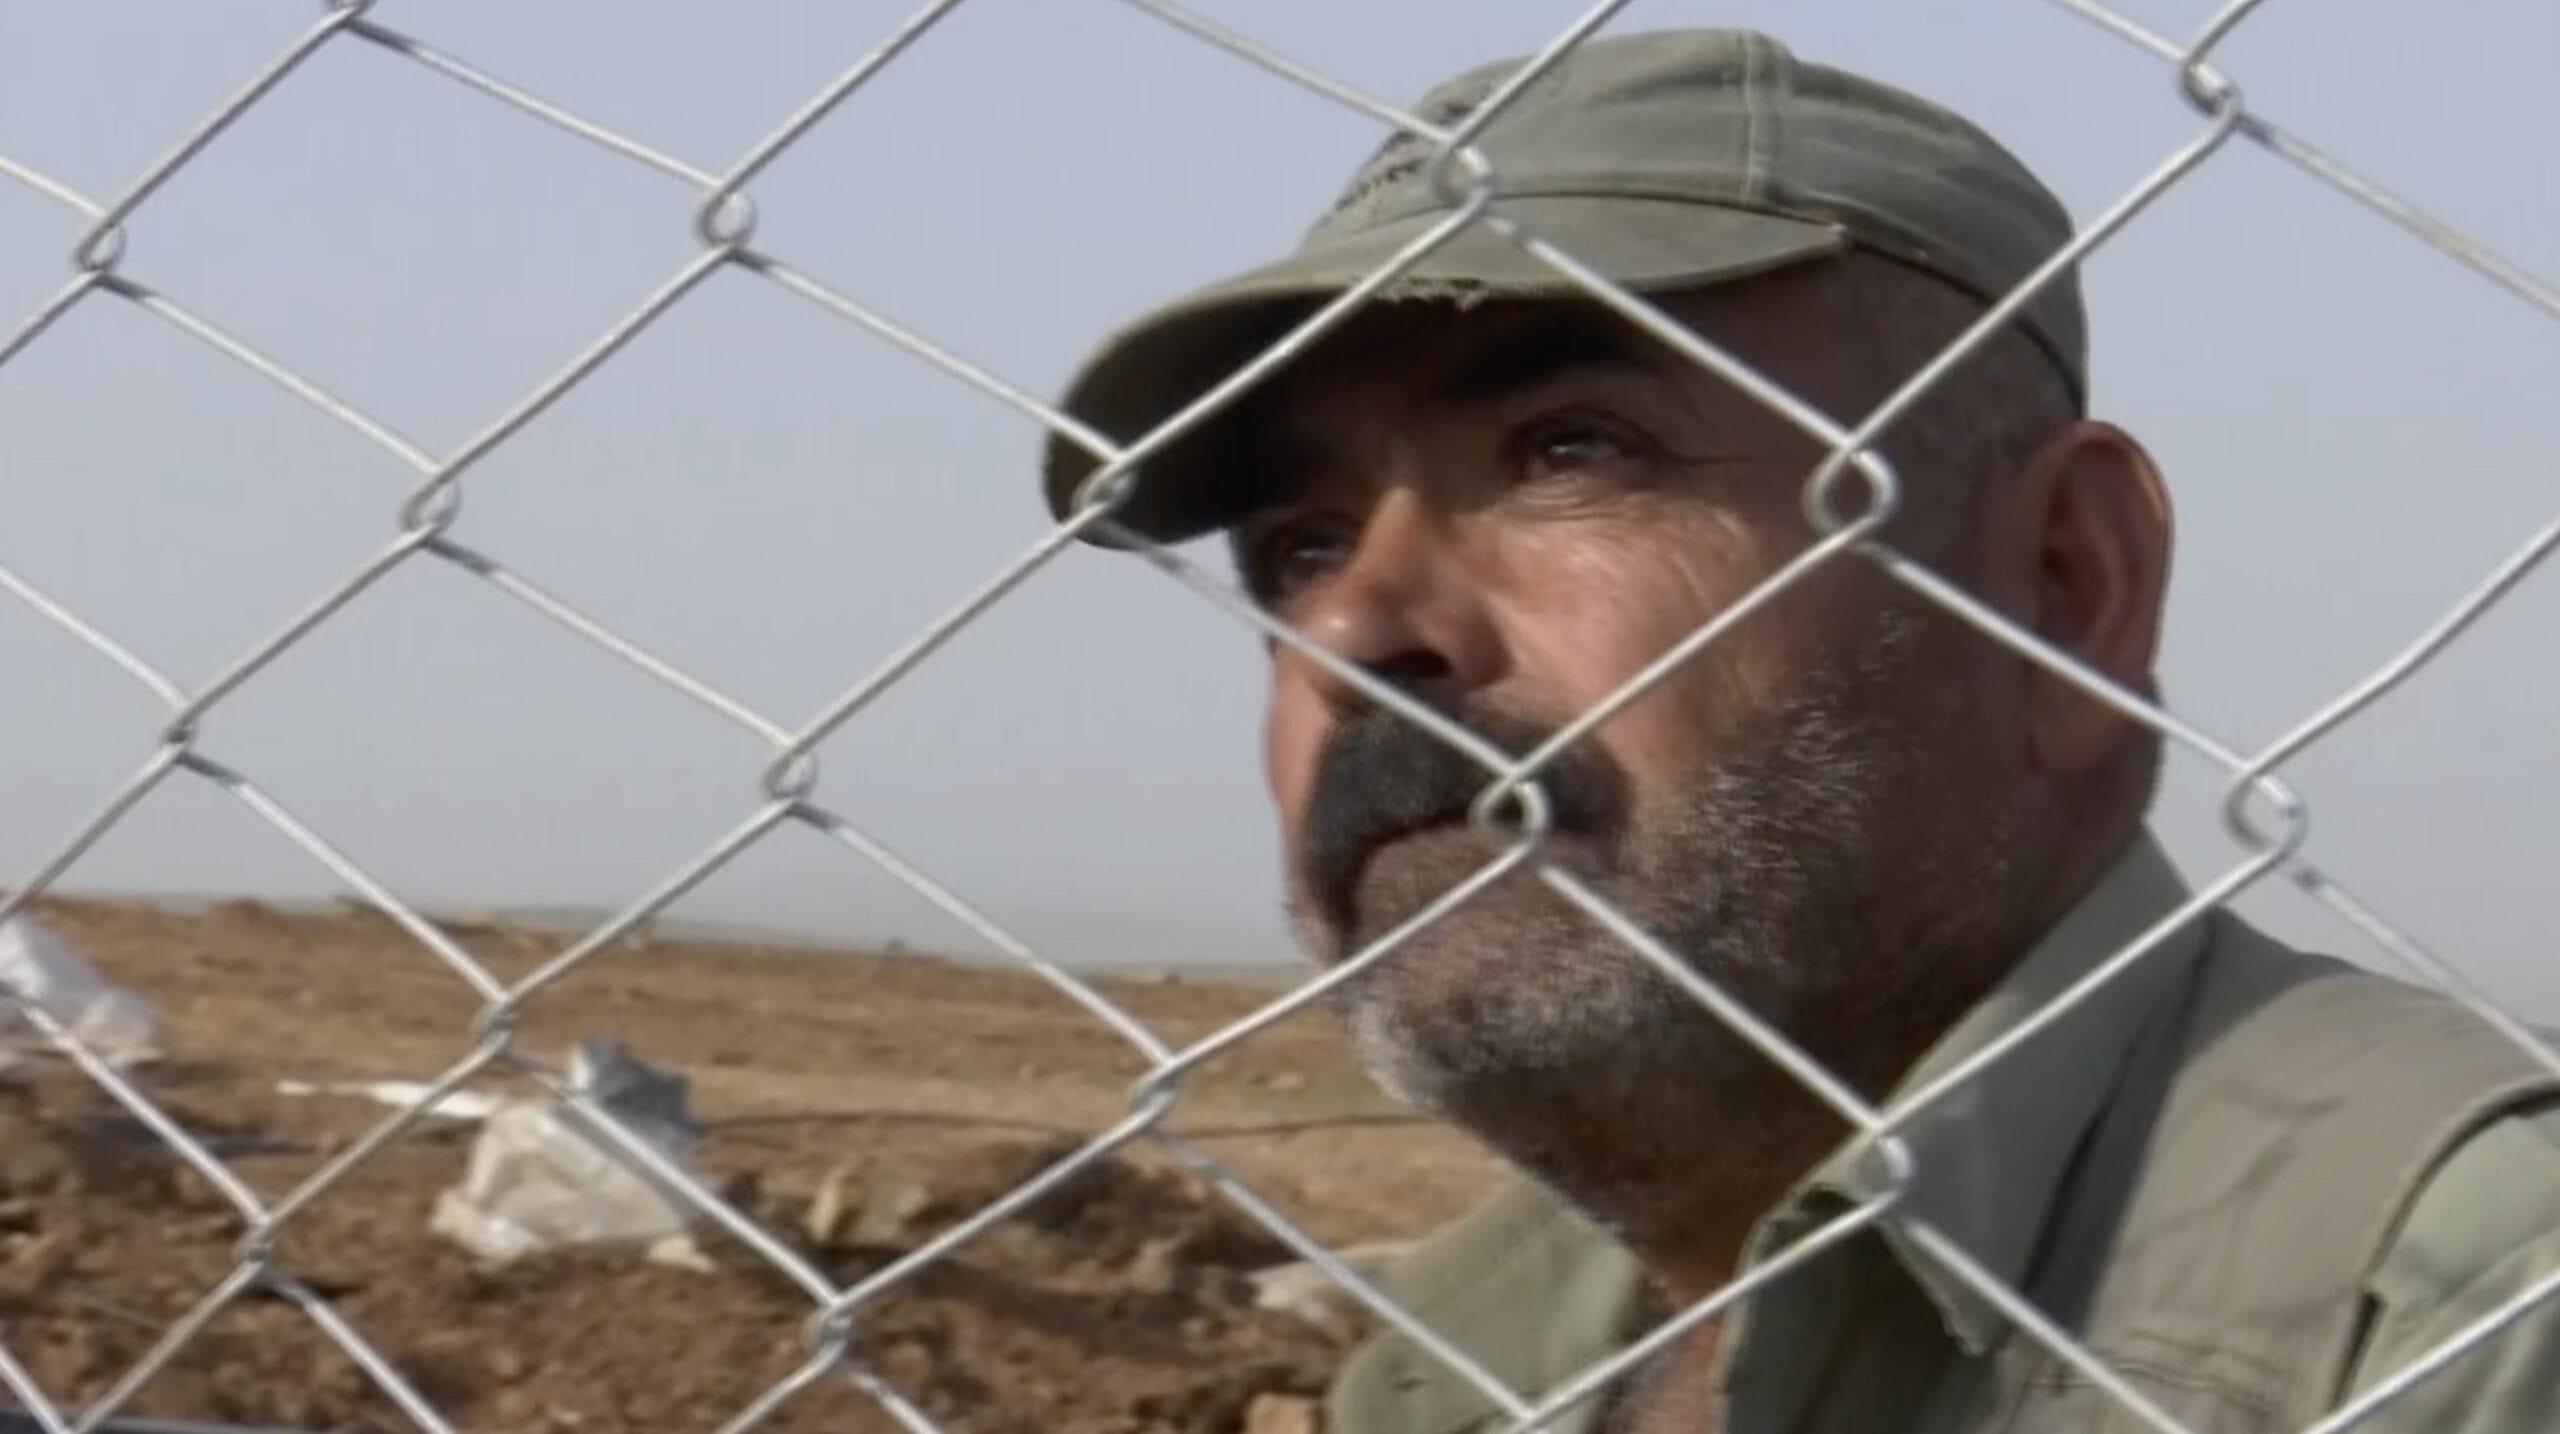 هدم منزل وليد ابو الكباش، مواطن فلسطيني يسكن في تجمع حمسو في غور الاردن، بالضفة الغربية